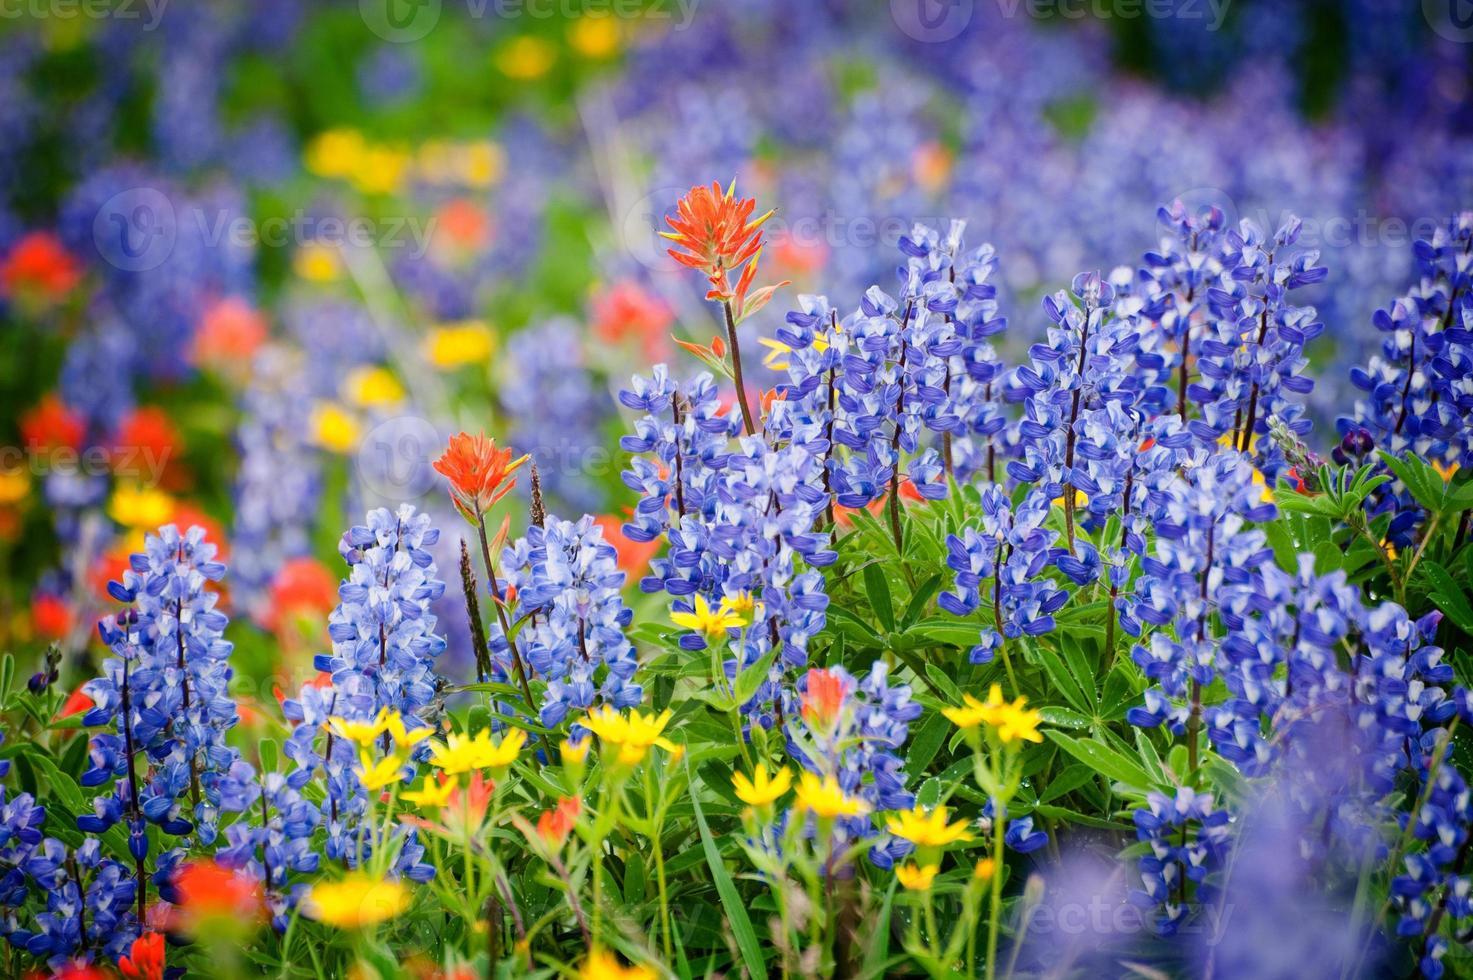 flores silvestres do cume do heliotrópio. foto